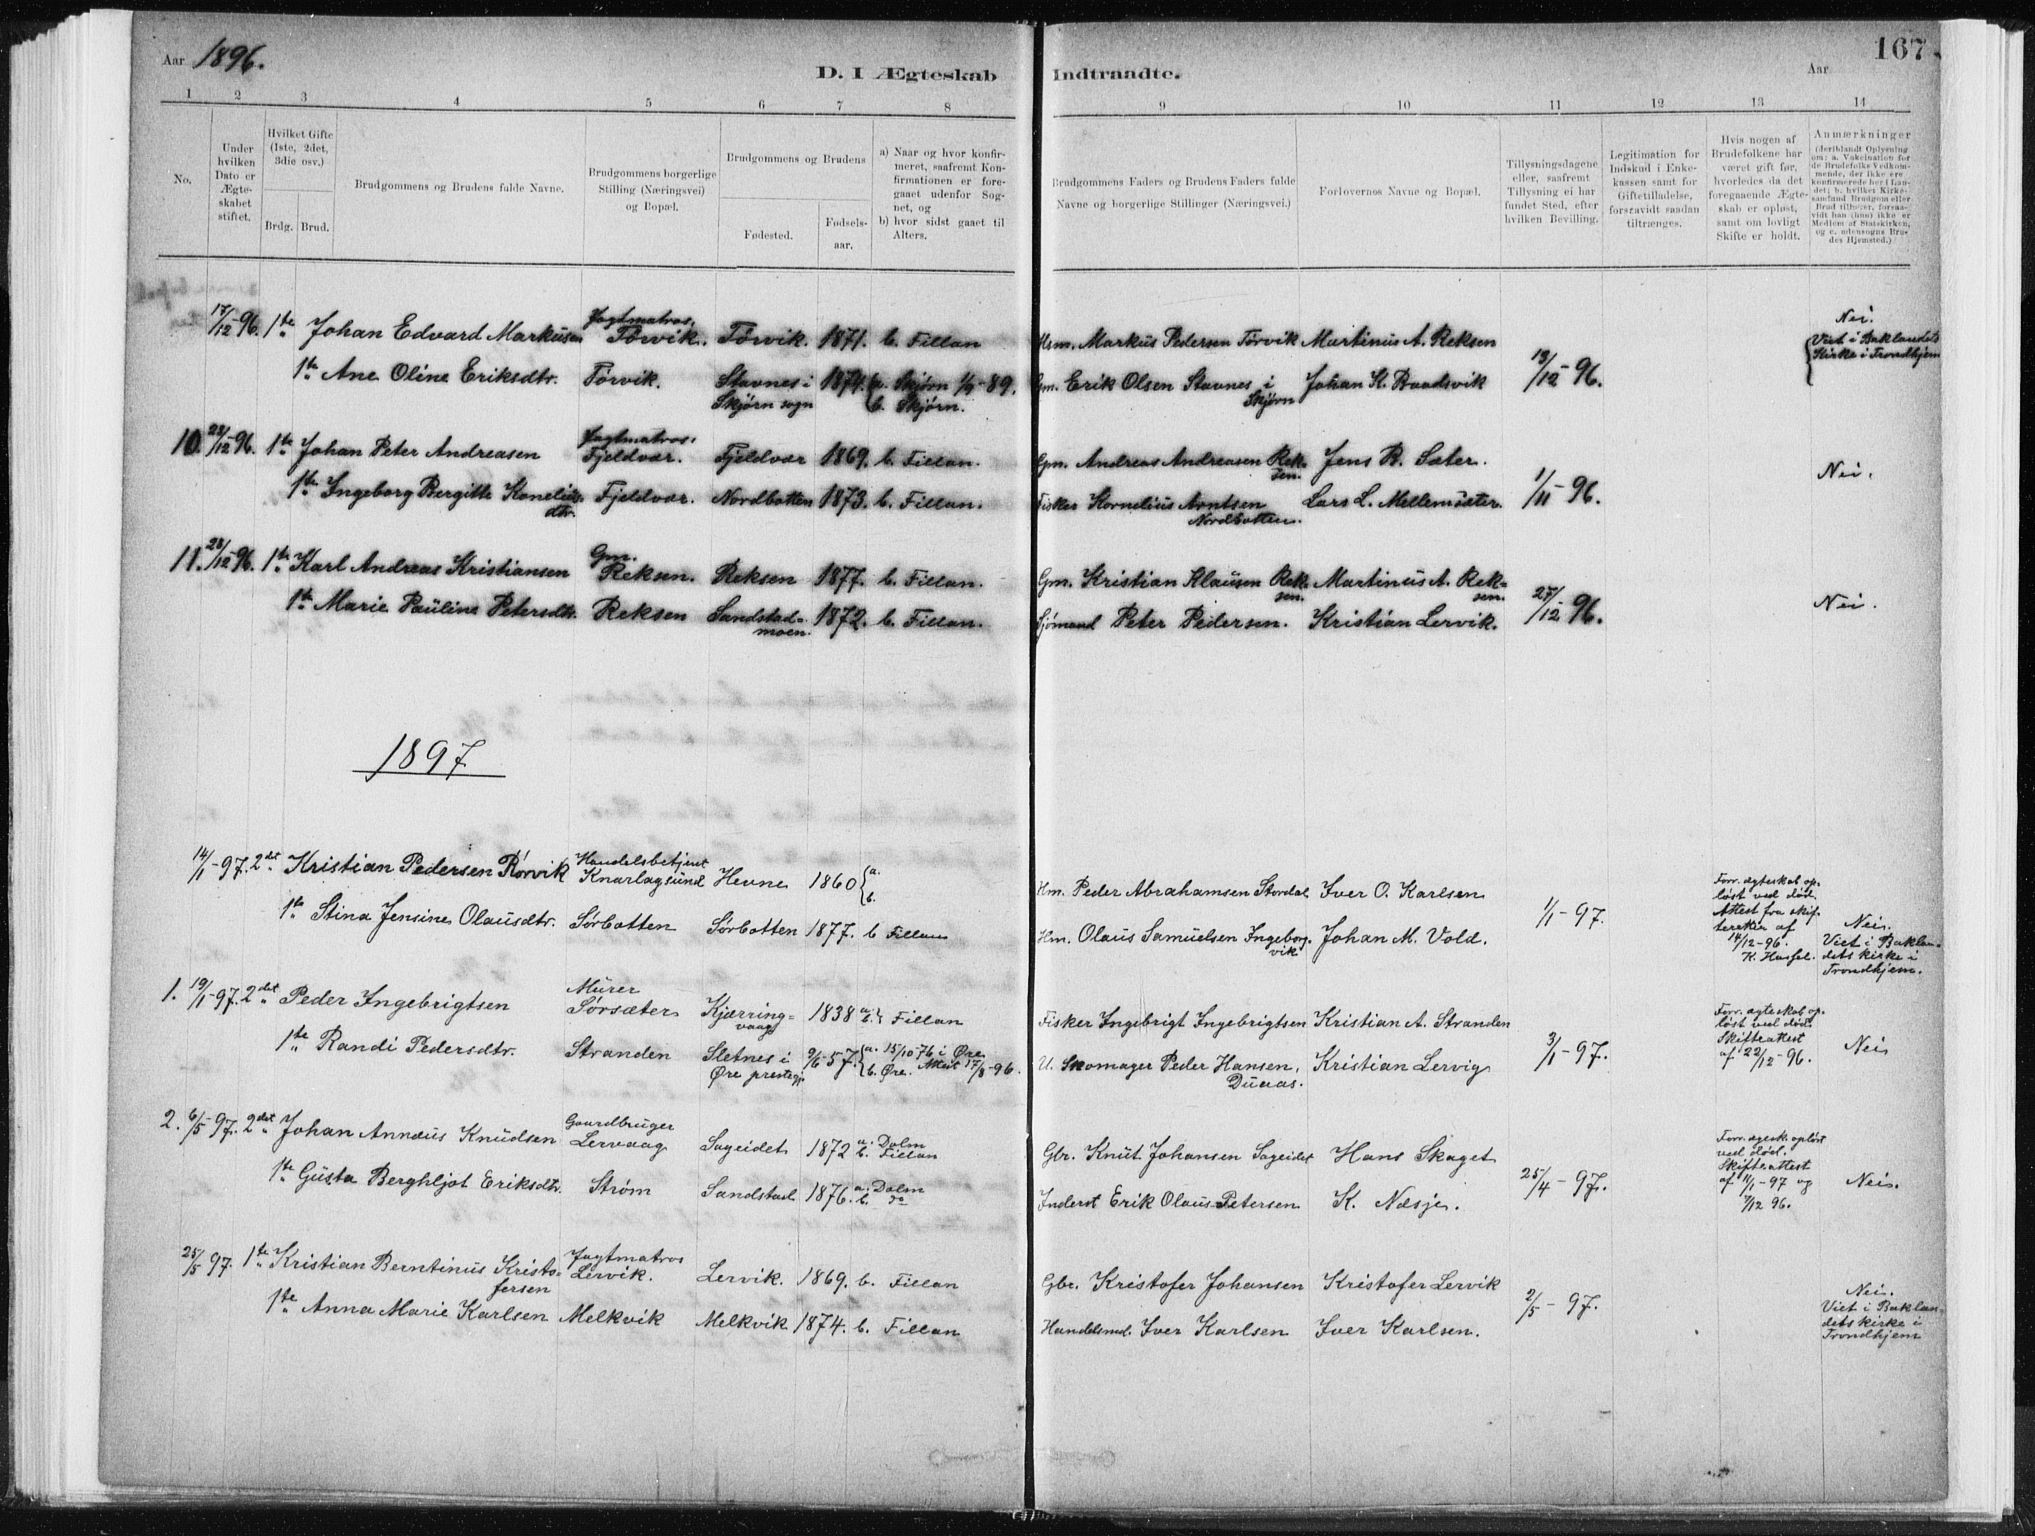 SAT, Ministerialprotokoller, klokkerbøker og fødselsregistre - Sør-Trøndelag, 637/L0558: Ministerialbok nr. 637A01, 1882-1899, s. 167